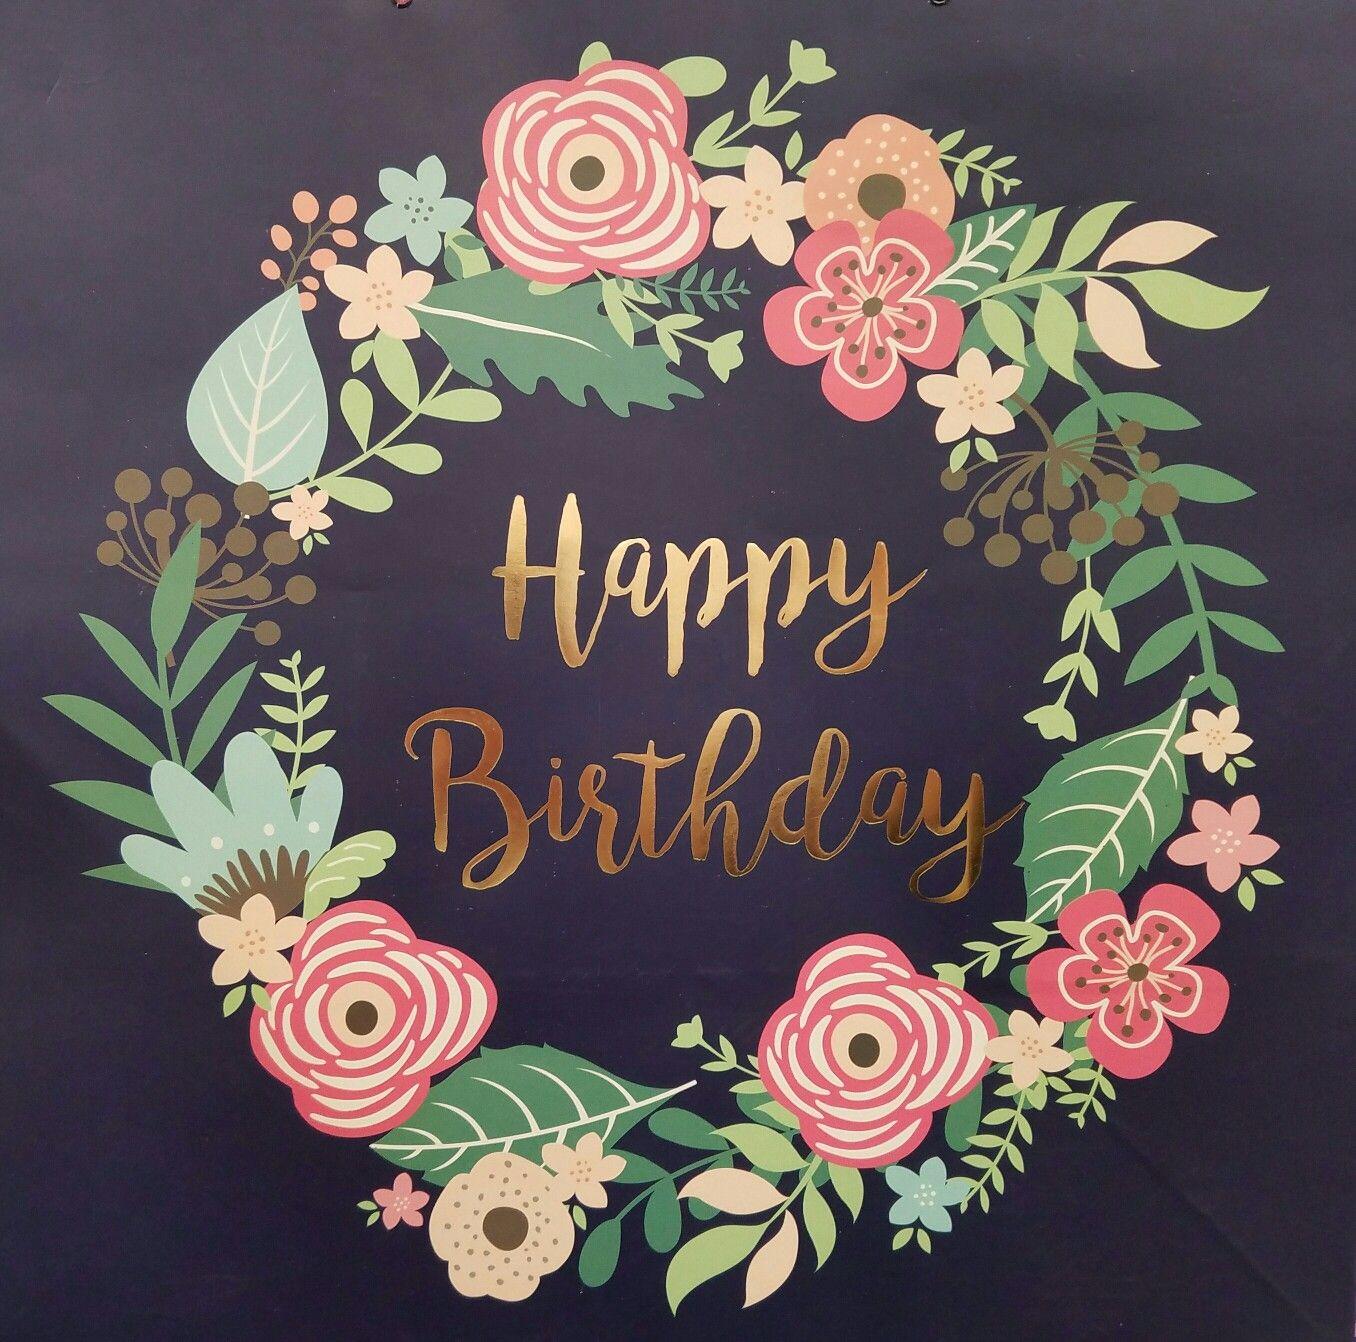 Happy birthday Free happy birthday cards, Happy birthday